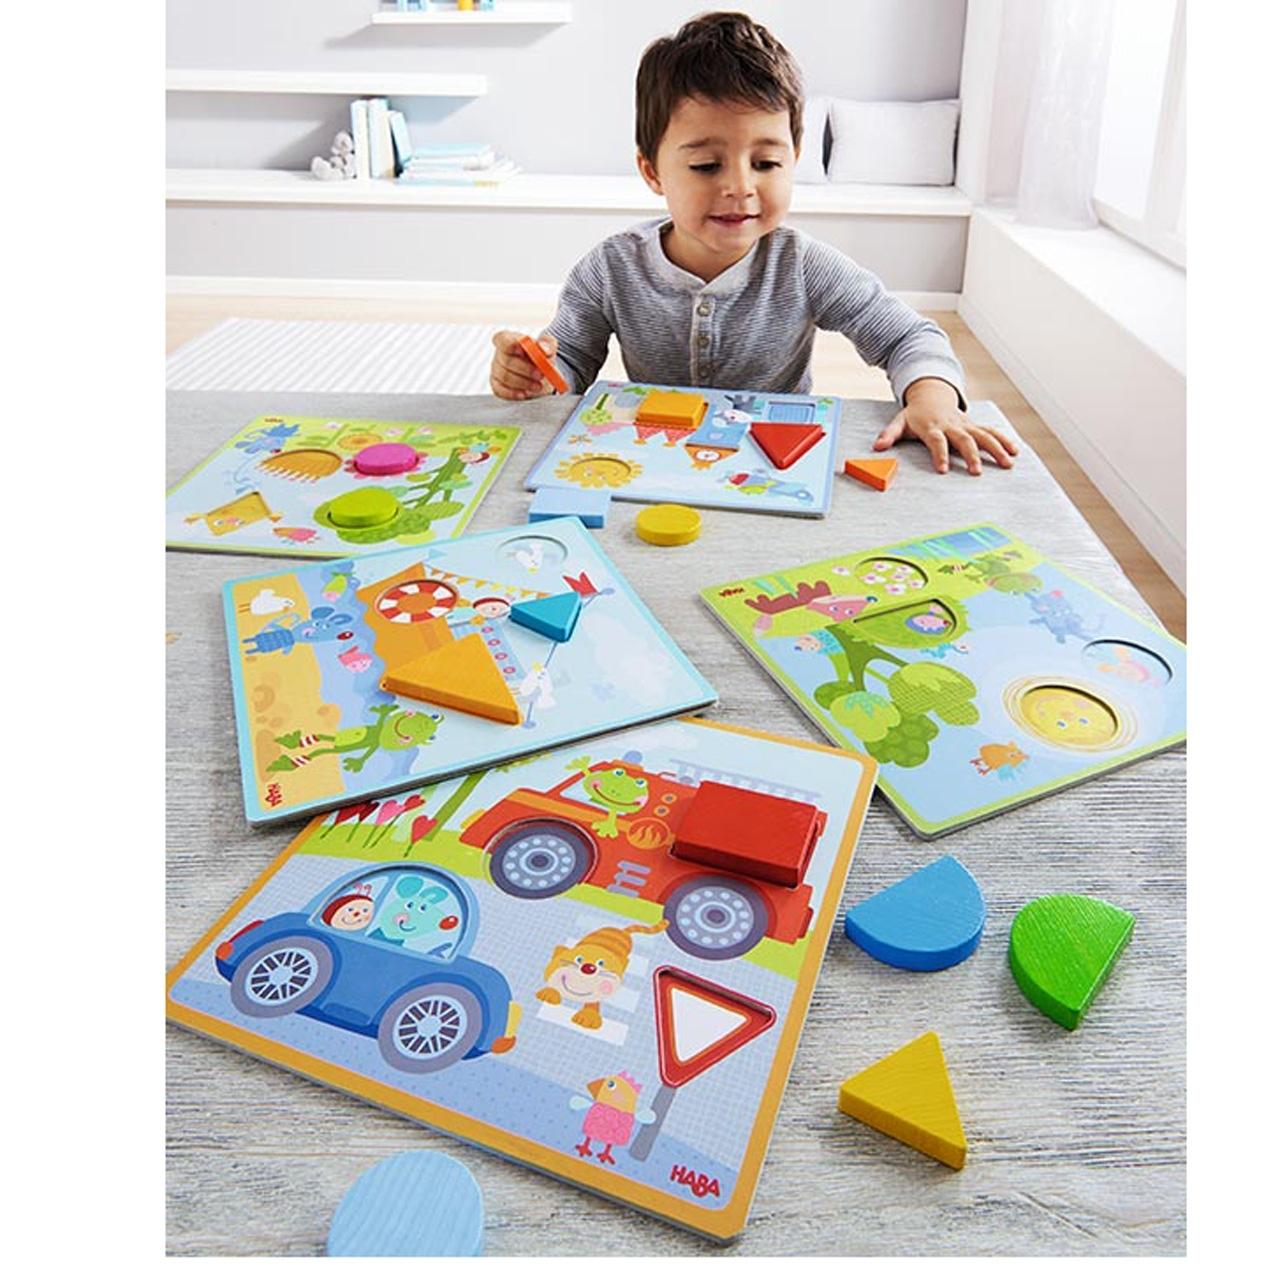 zuordnung tierische abenteuer haba holzspielzeug haba lieblingsmarken spielzeug. Black Bedroom Furniture Sets. Home Design Ideas